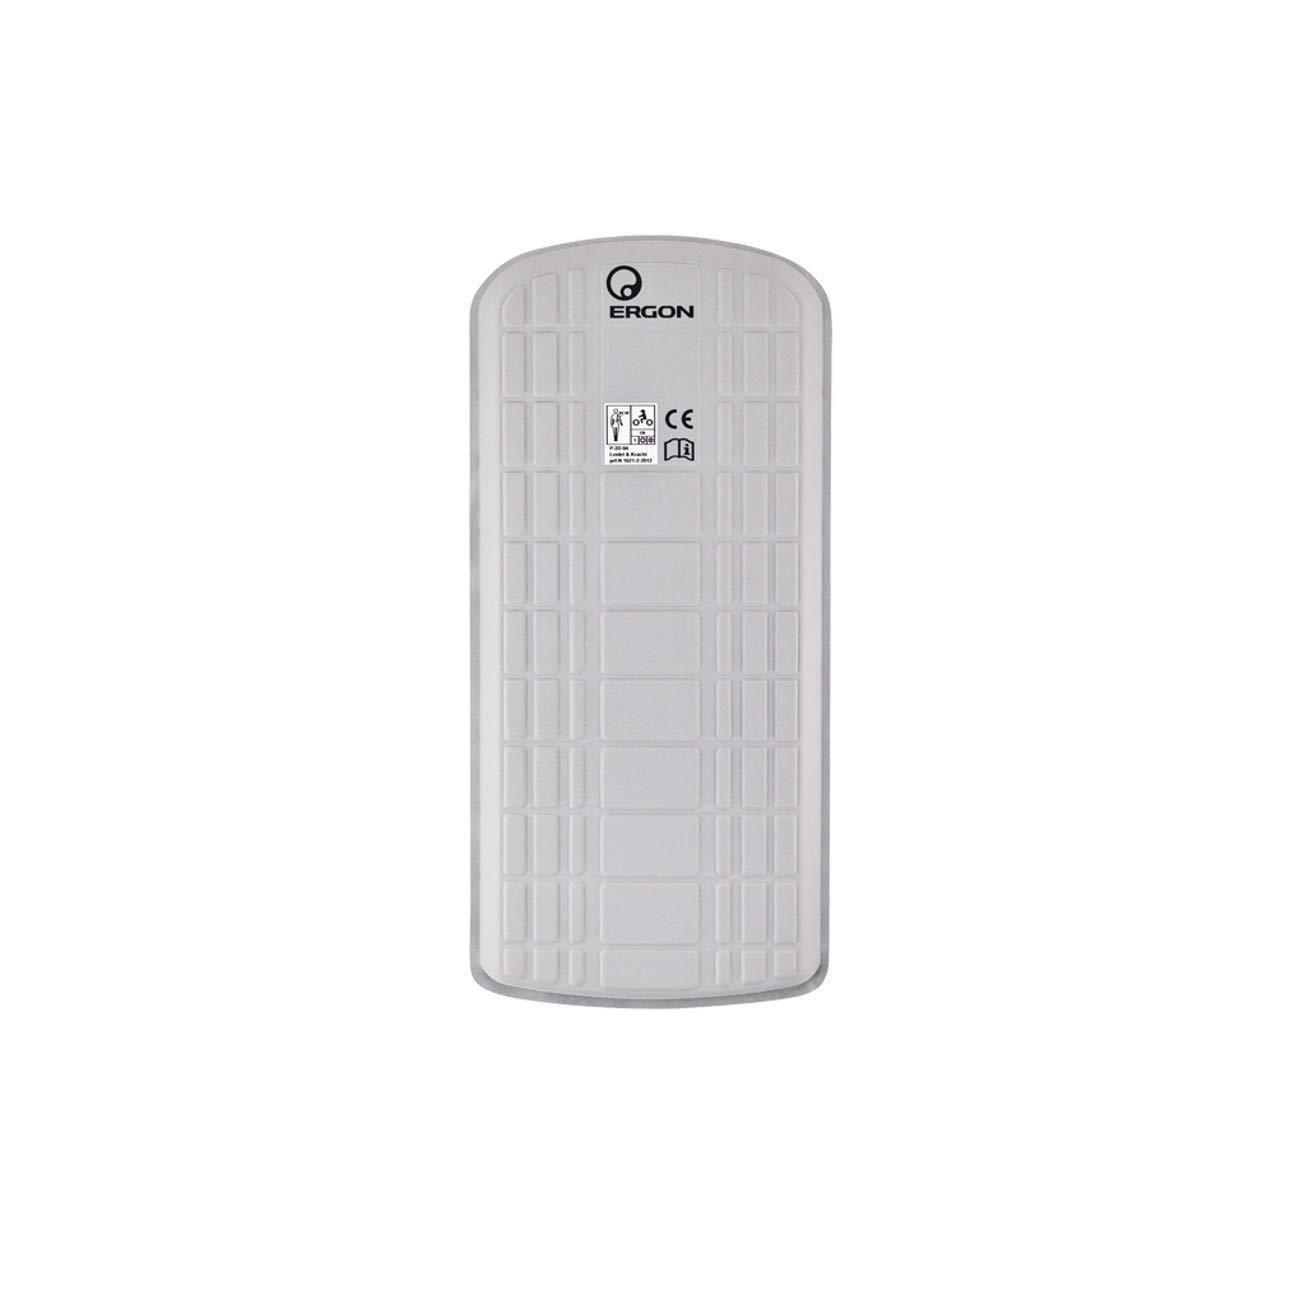 M Protector Dorsal para Adultos Unisex Color Blanco Ergon BP100